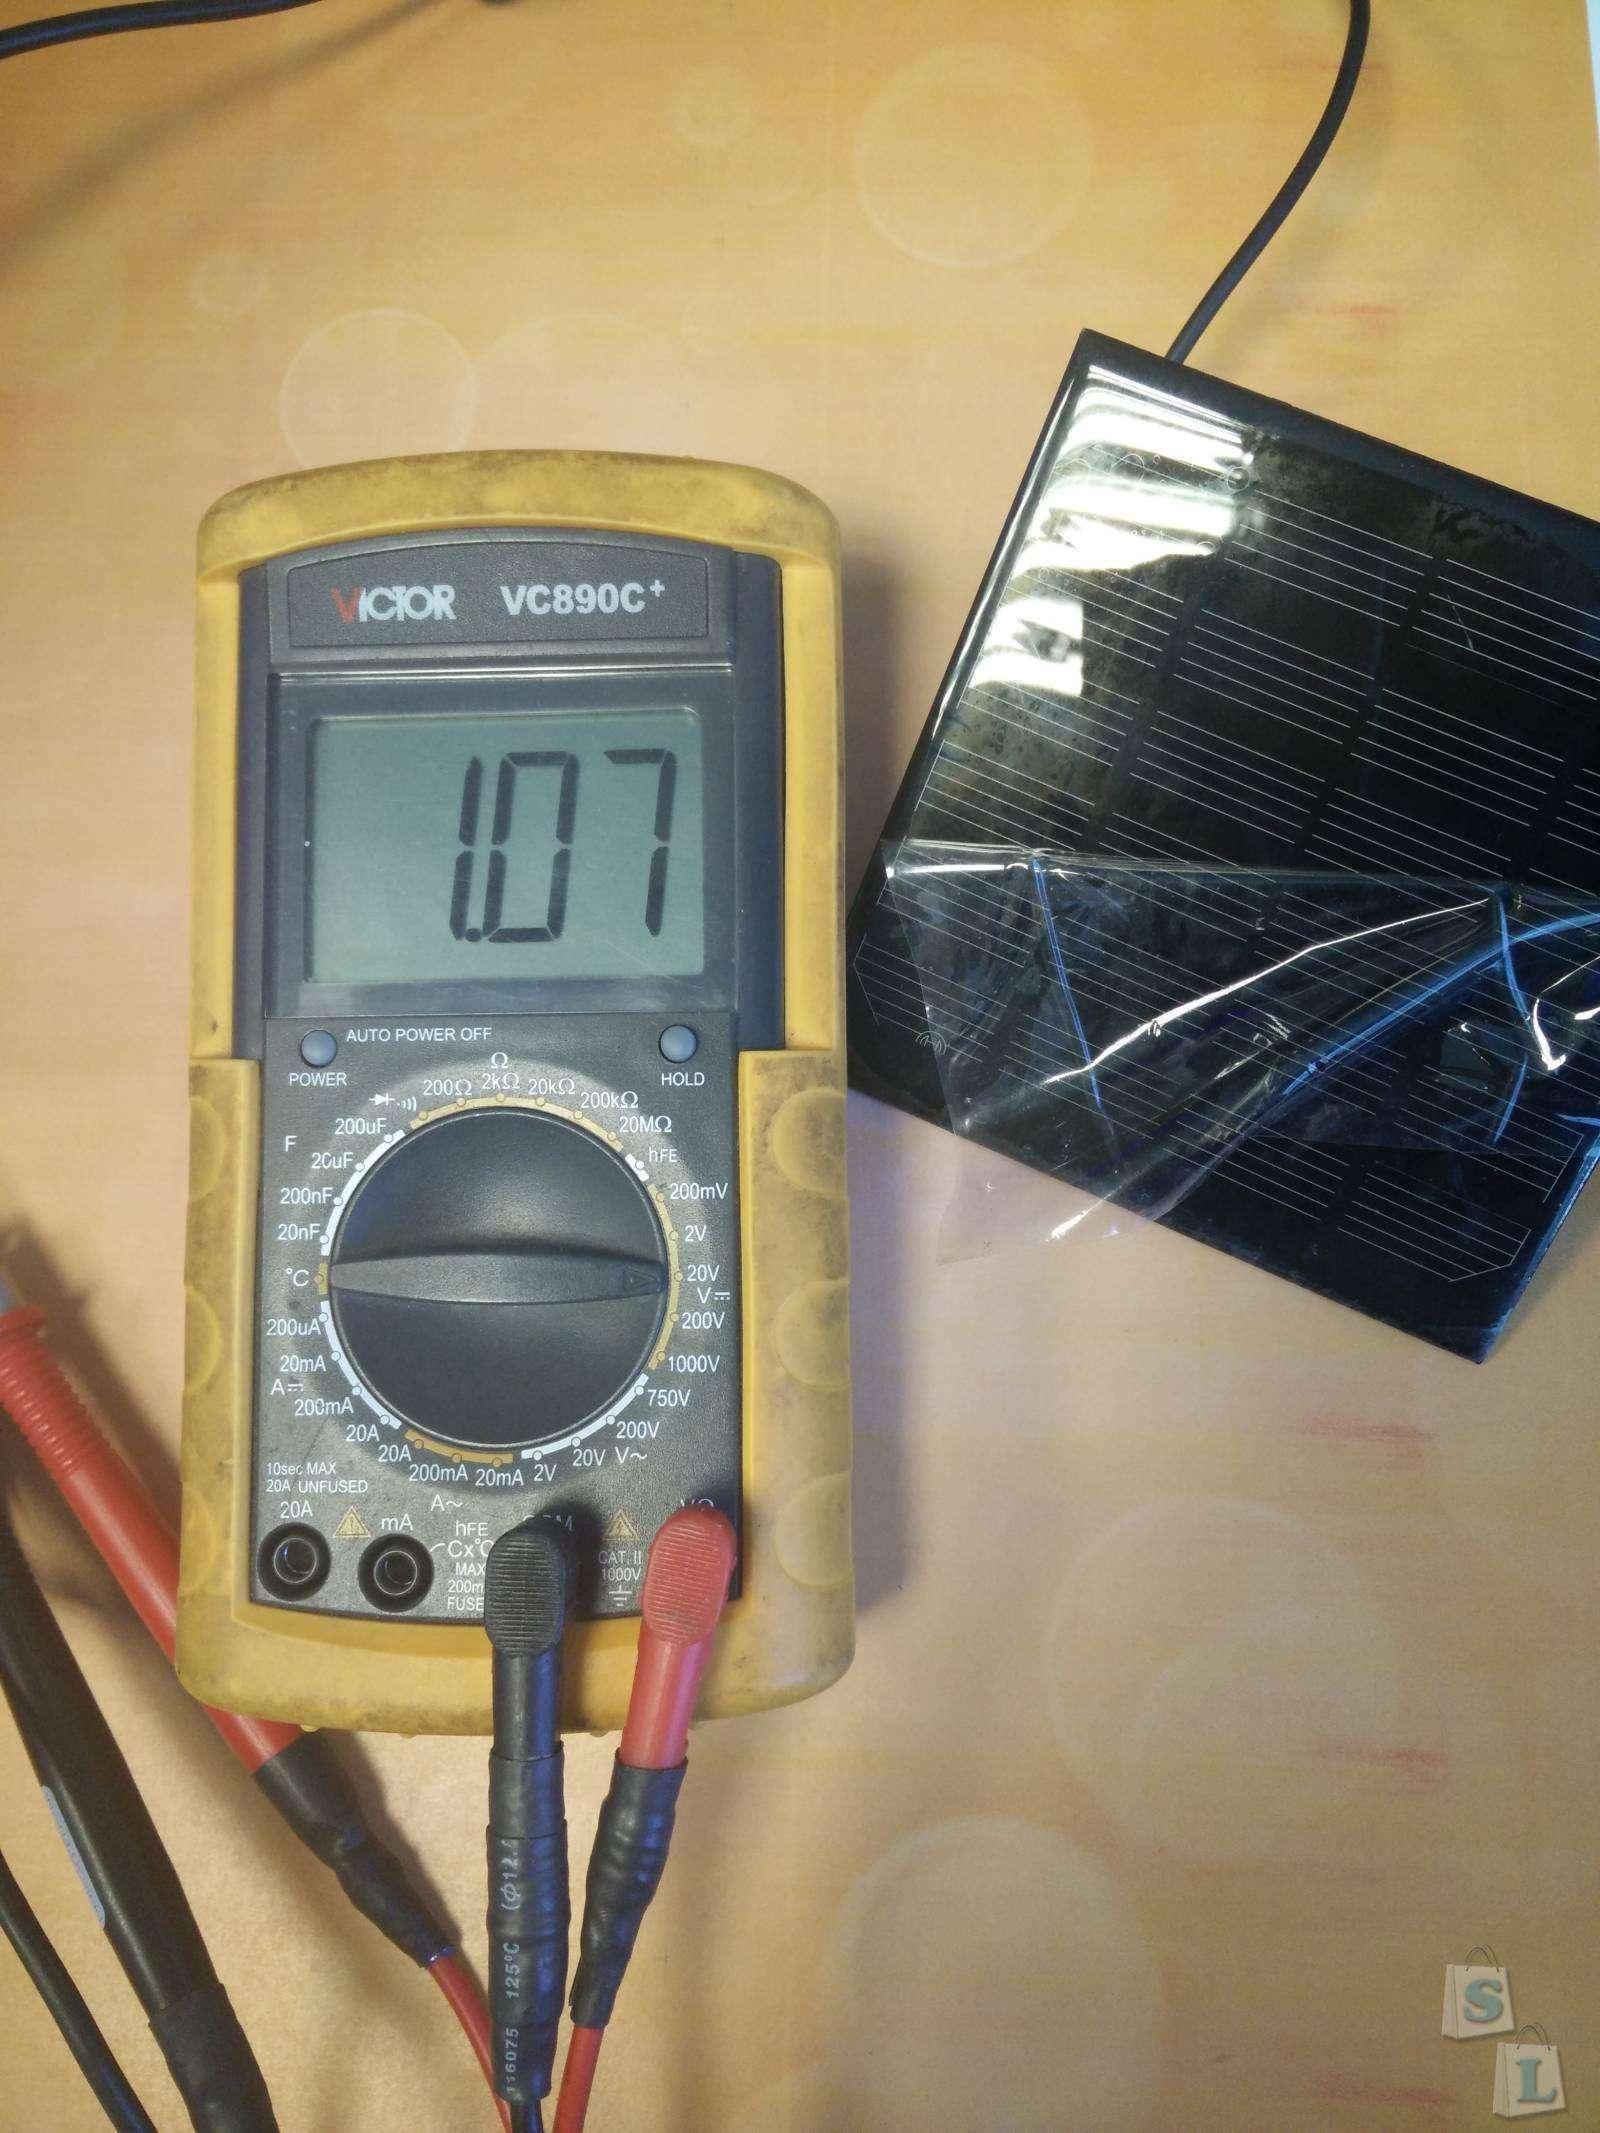 TinyDeal: Фонтанчик работающий от солнечной батарее который достался почти бесплатно